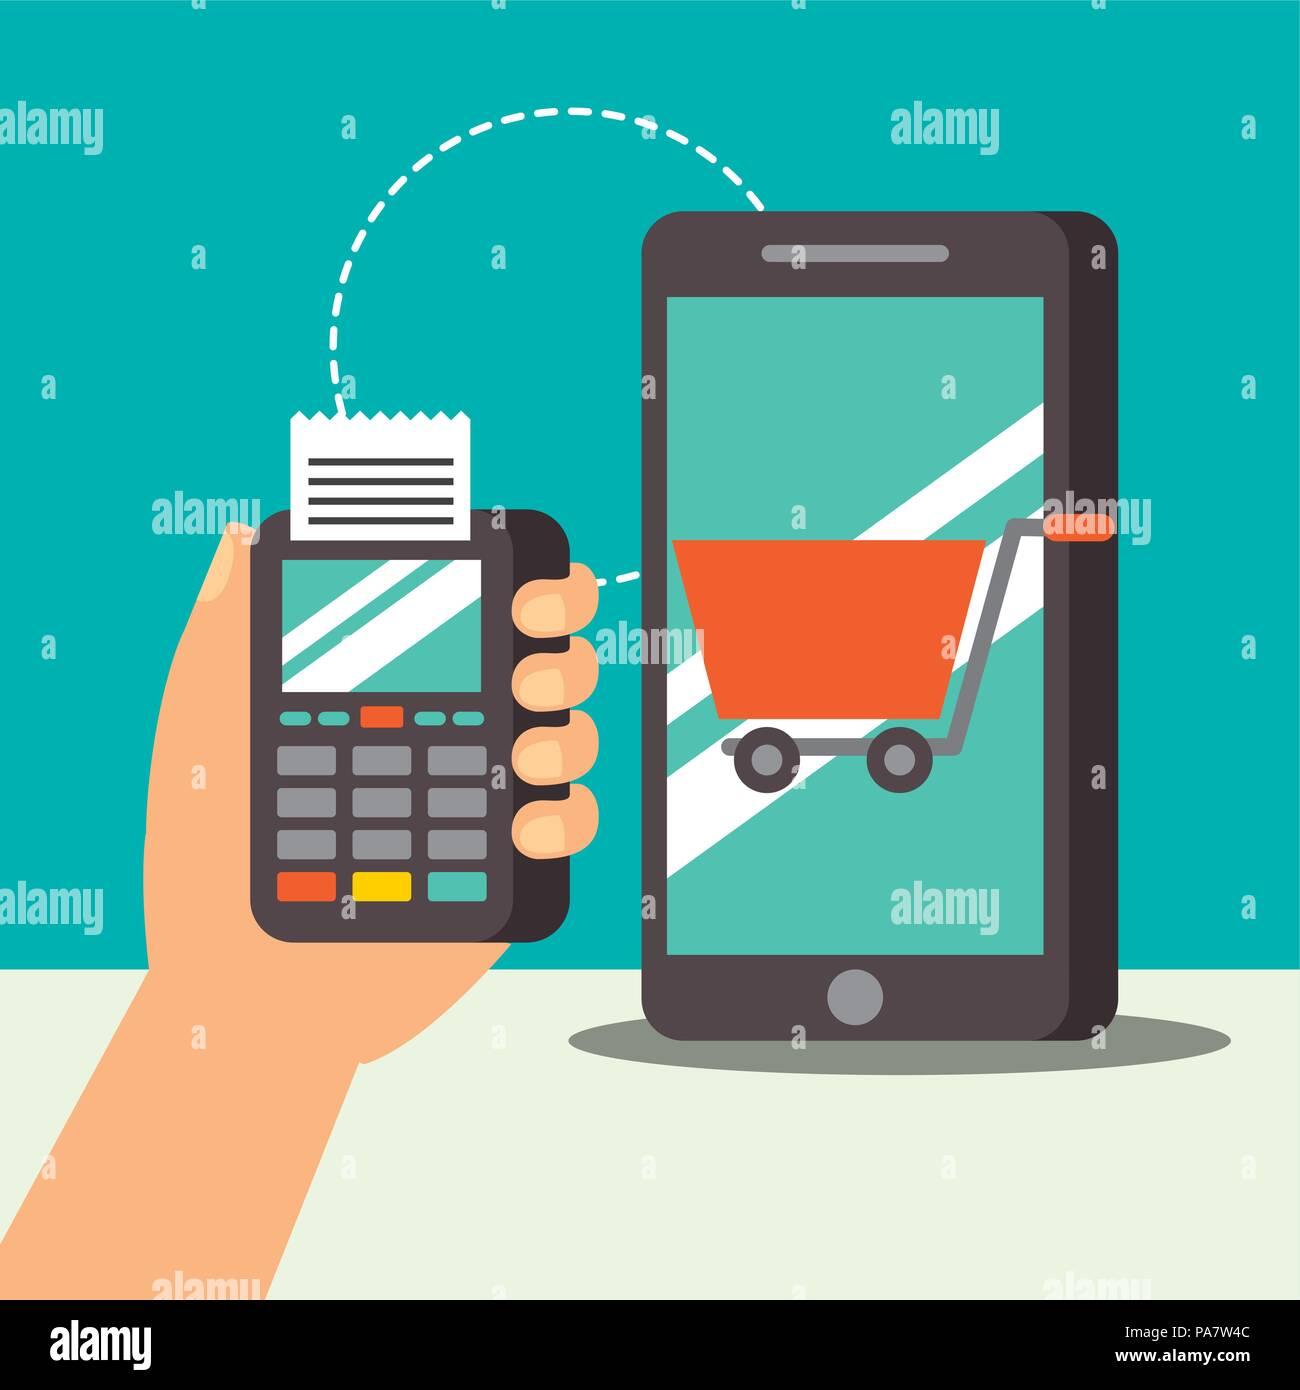 nfc payment technology dataphone smartphone shopping cart vector